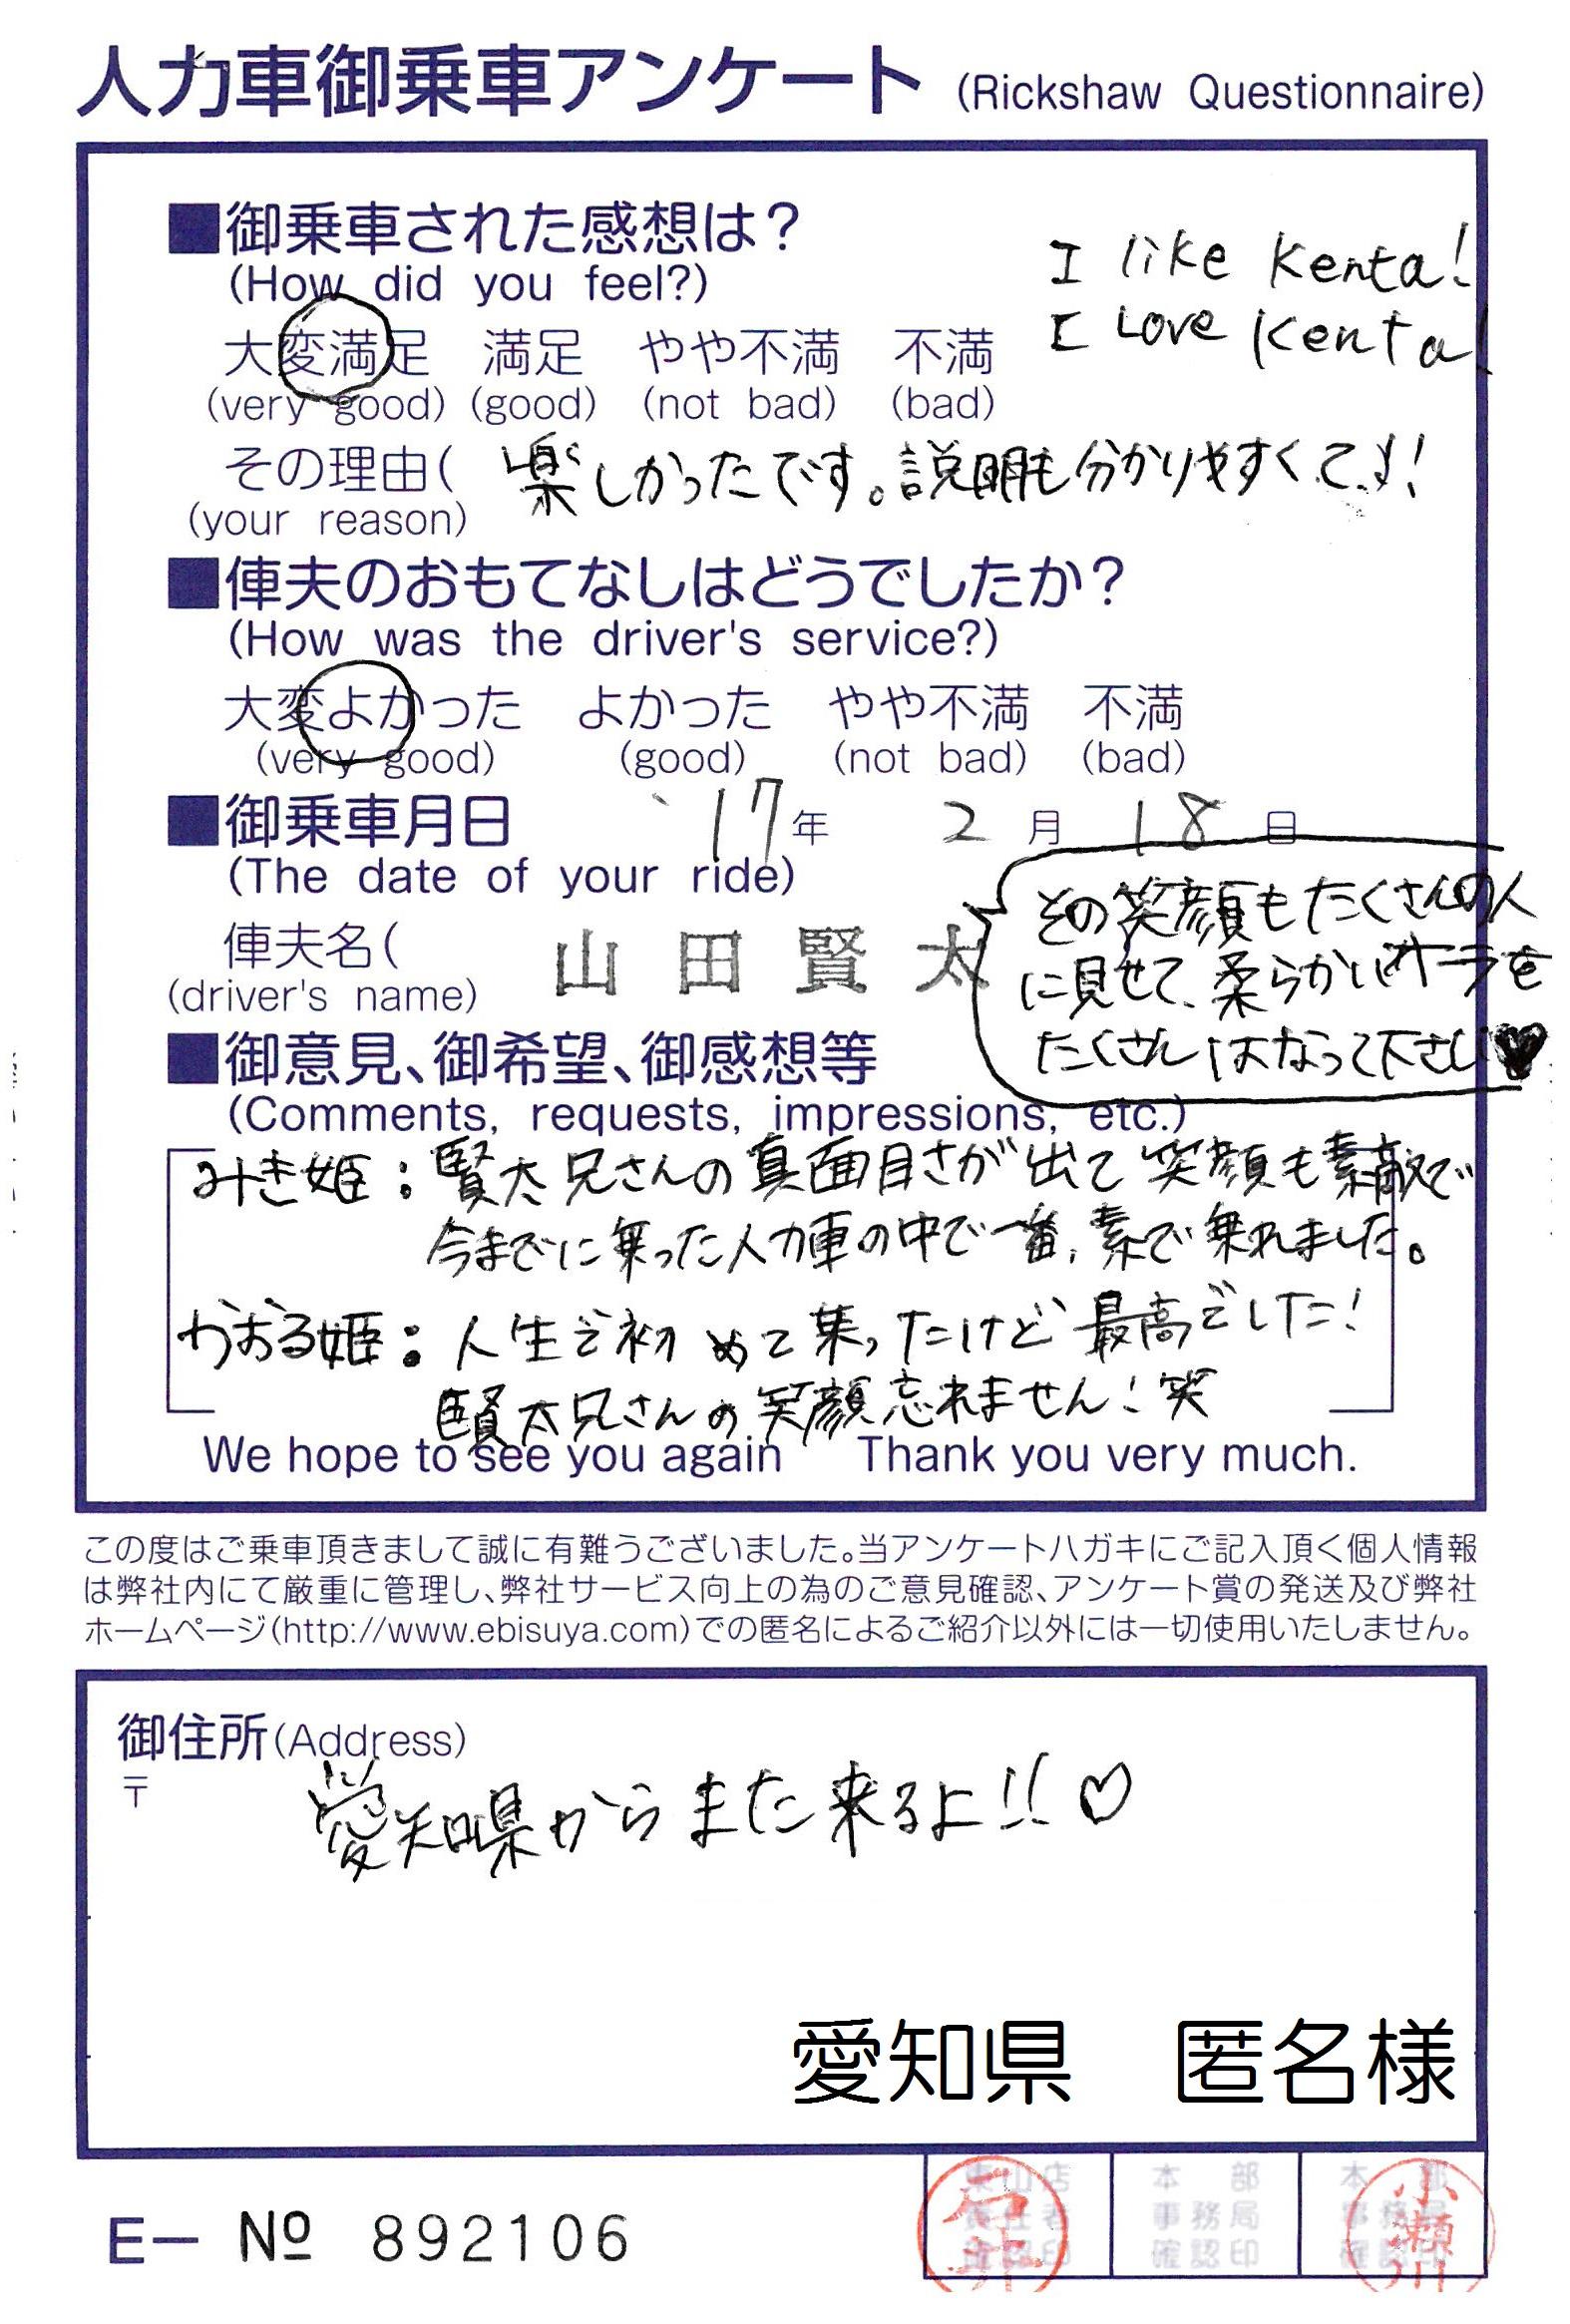 愛知県 匿名様